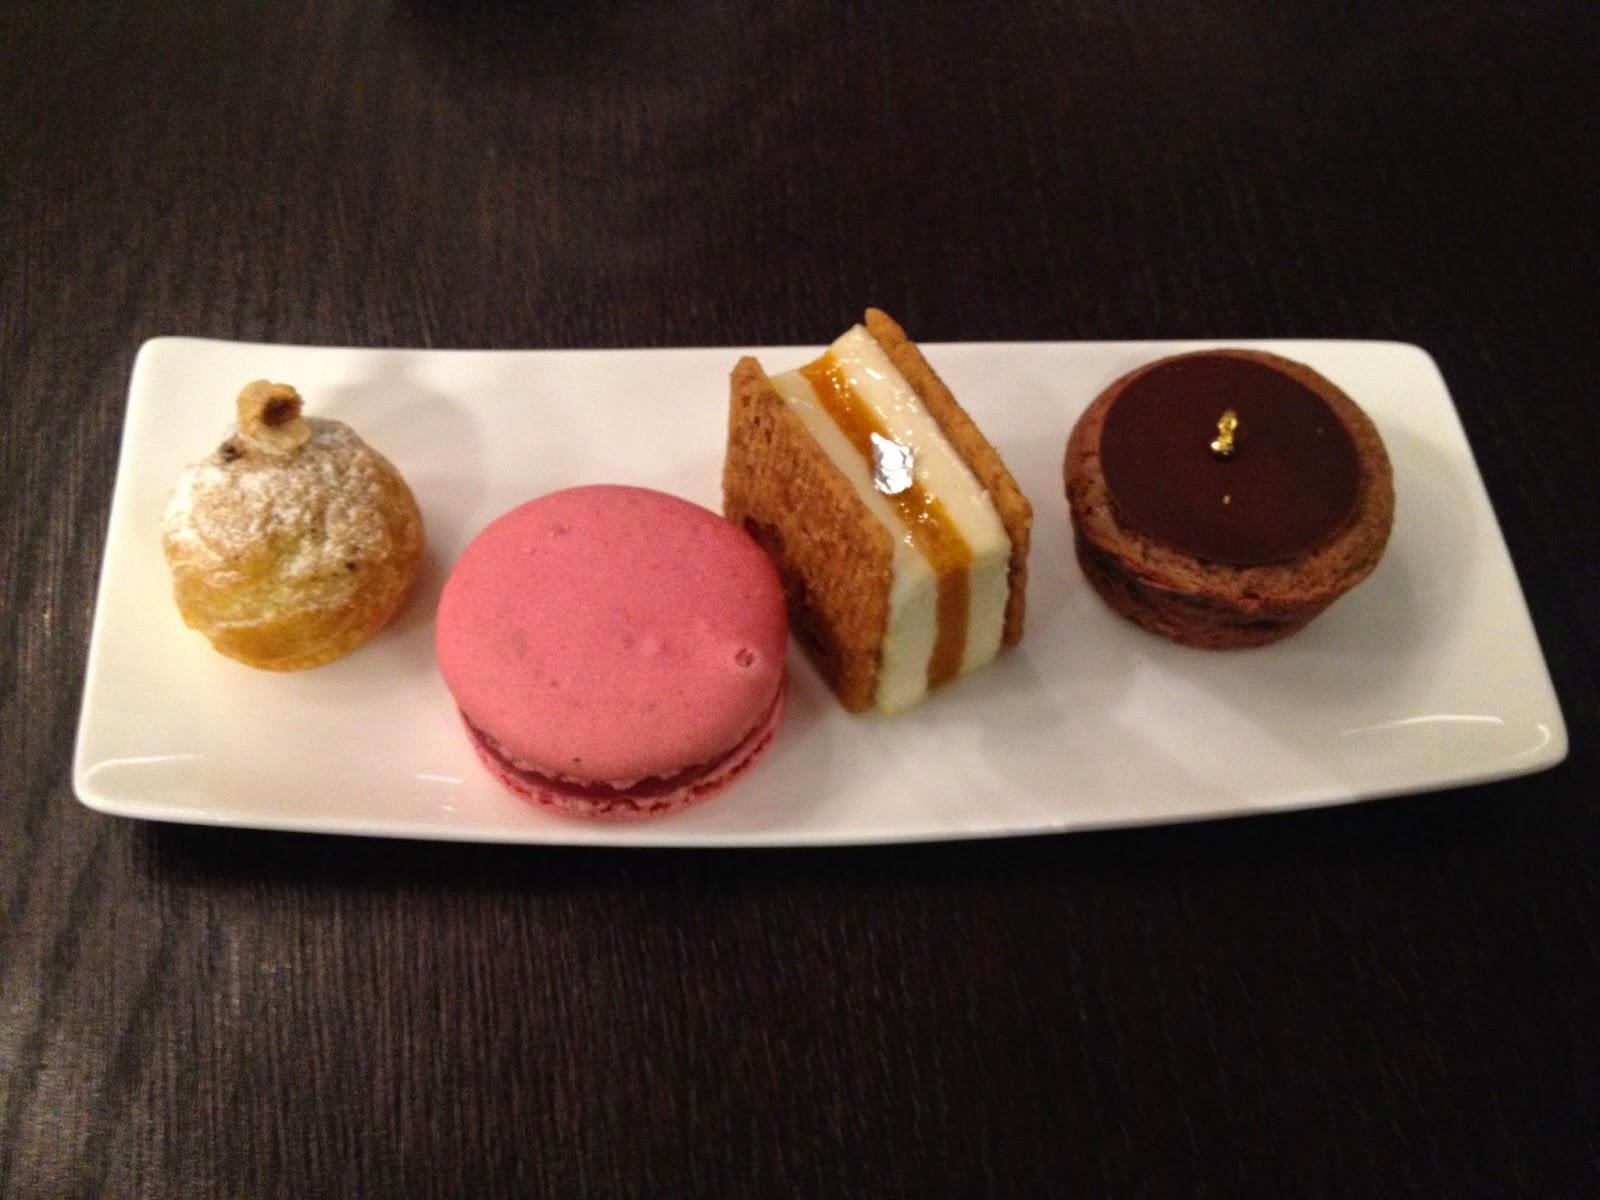 Mini desserts at Un Dimanche à Paris